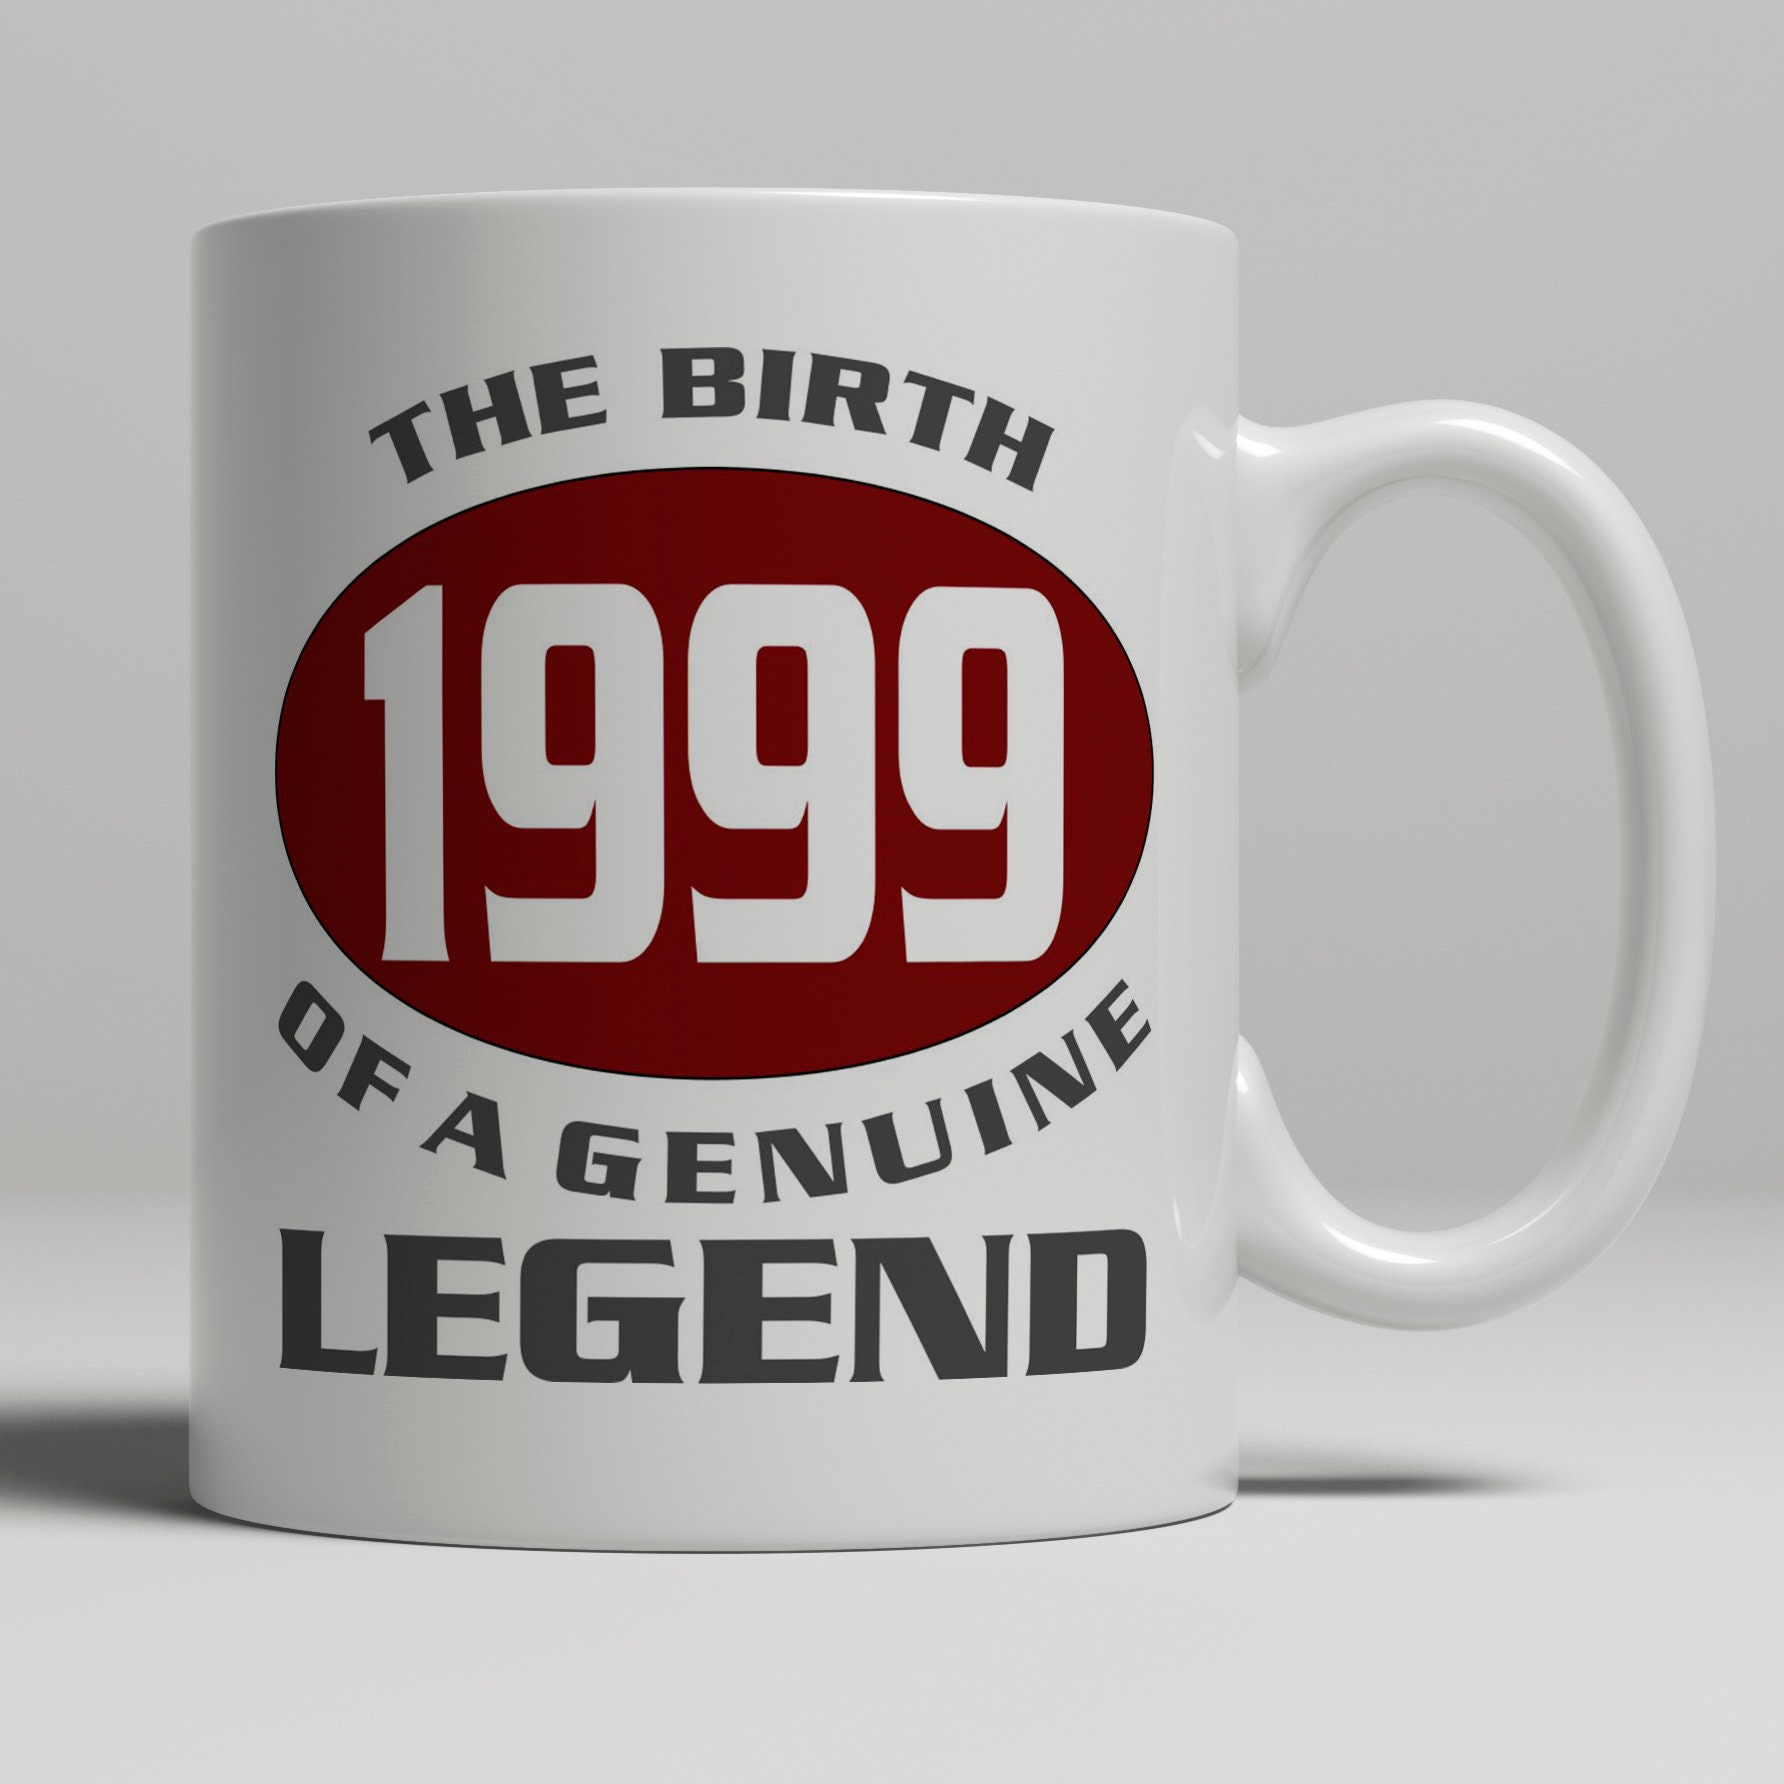 Legend 20th Birthday Gift Mug Idea Born 1999